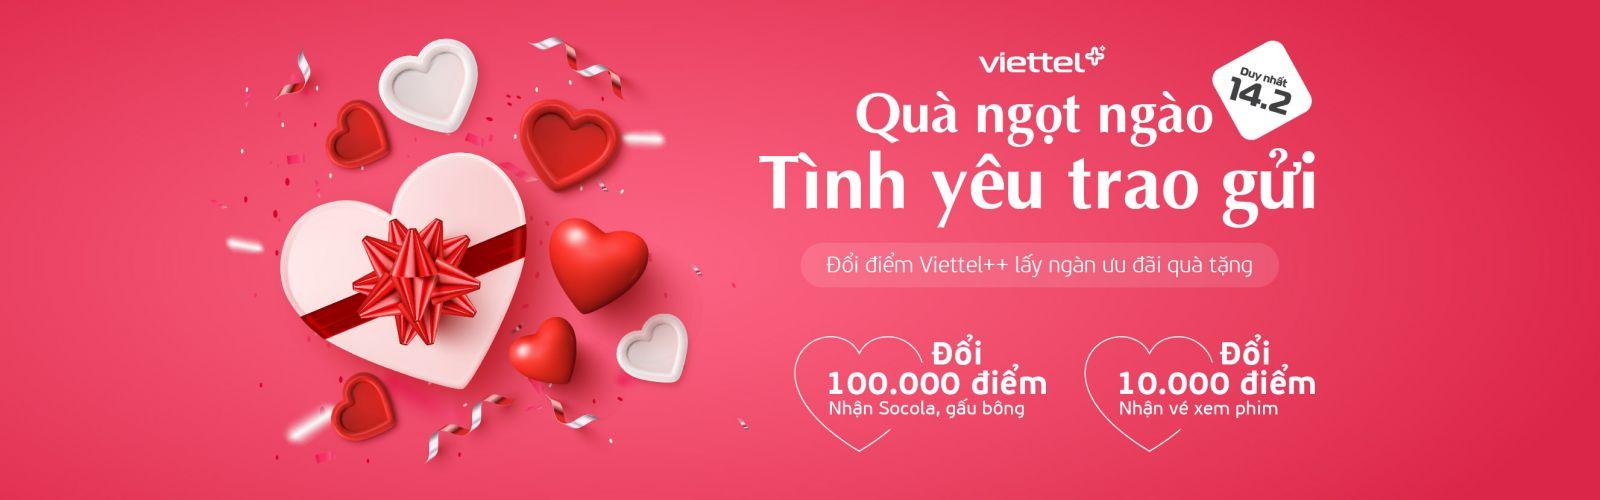 di_dong_tra_sau_Viettel